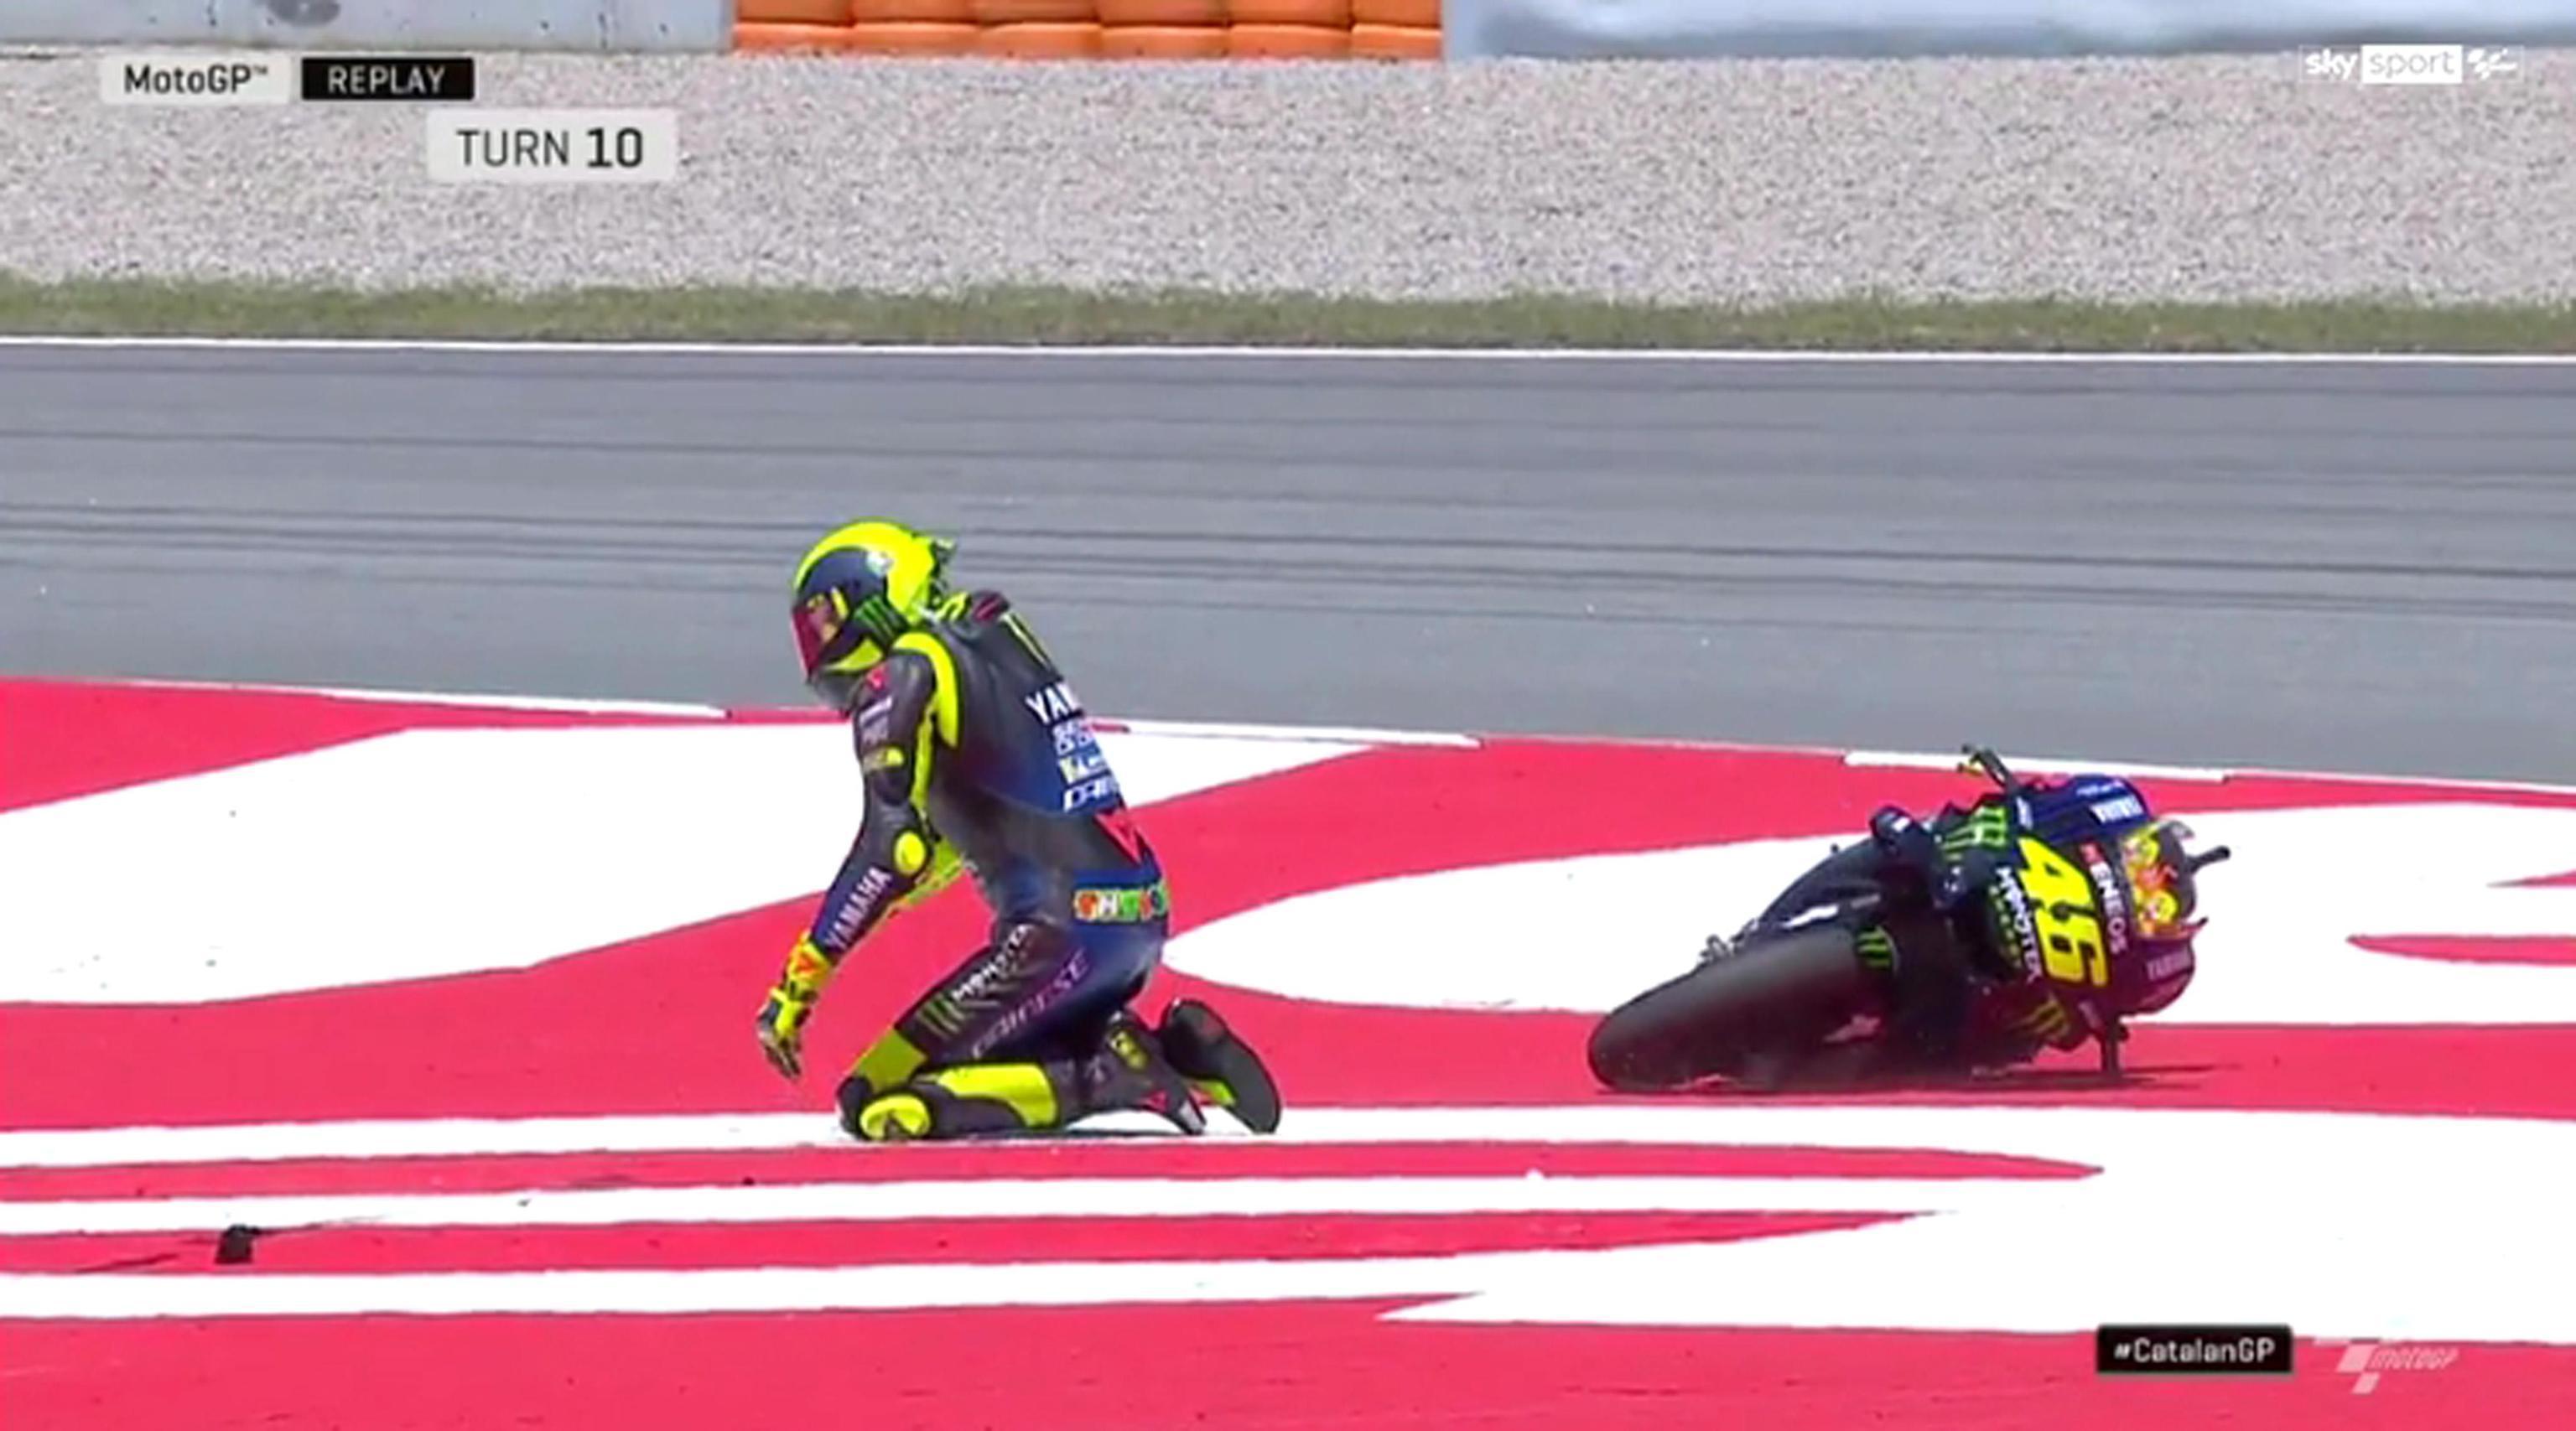 Clamoroso a Barcellona. Lo spettacolo di una gara che poteva essere combattutissima è stato di fatto cancellato dopo pochi giri, quando Jorge Lorenzo ...